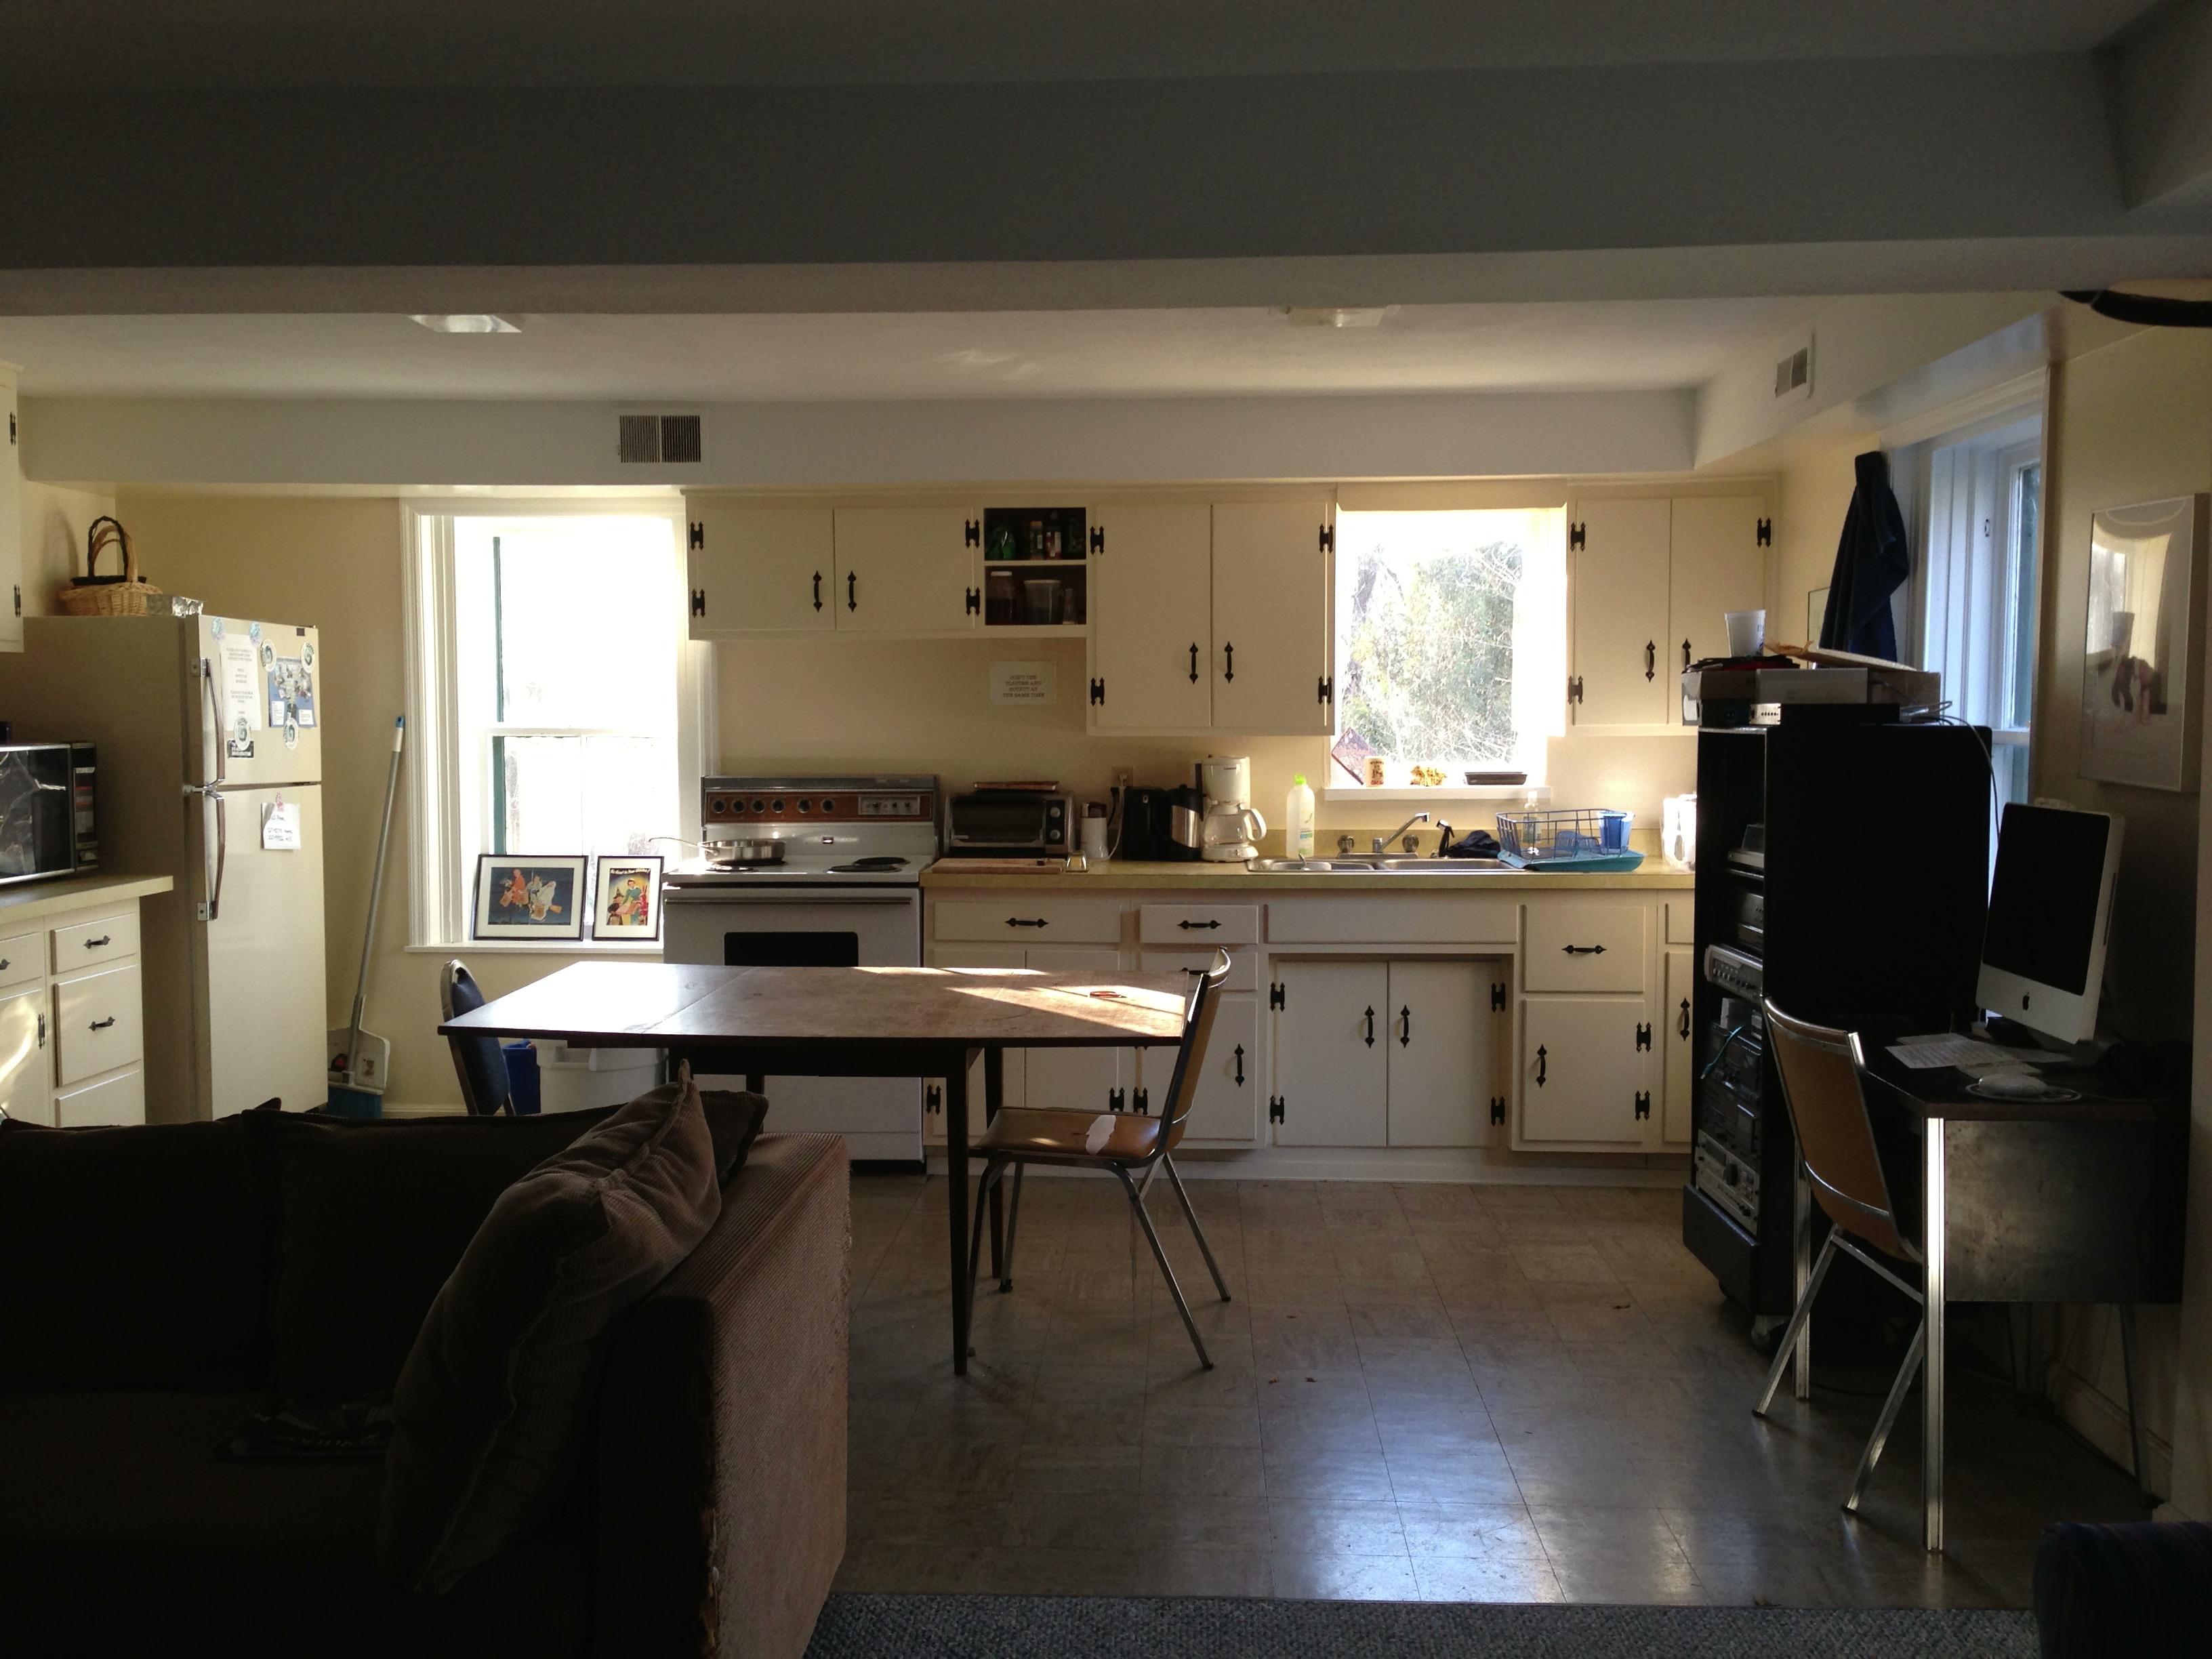 wilburland kitchen